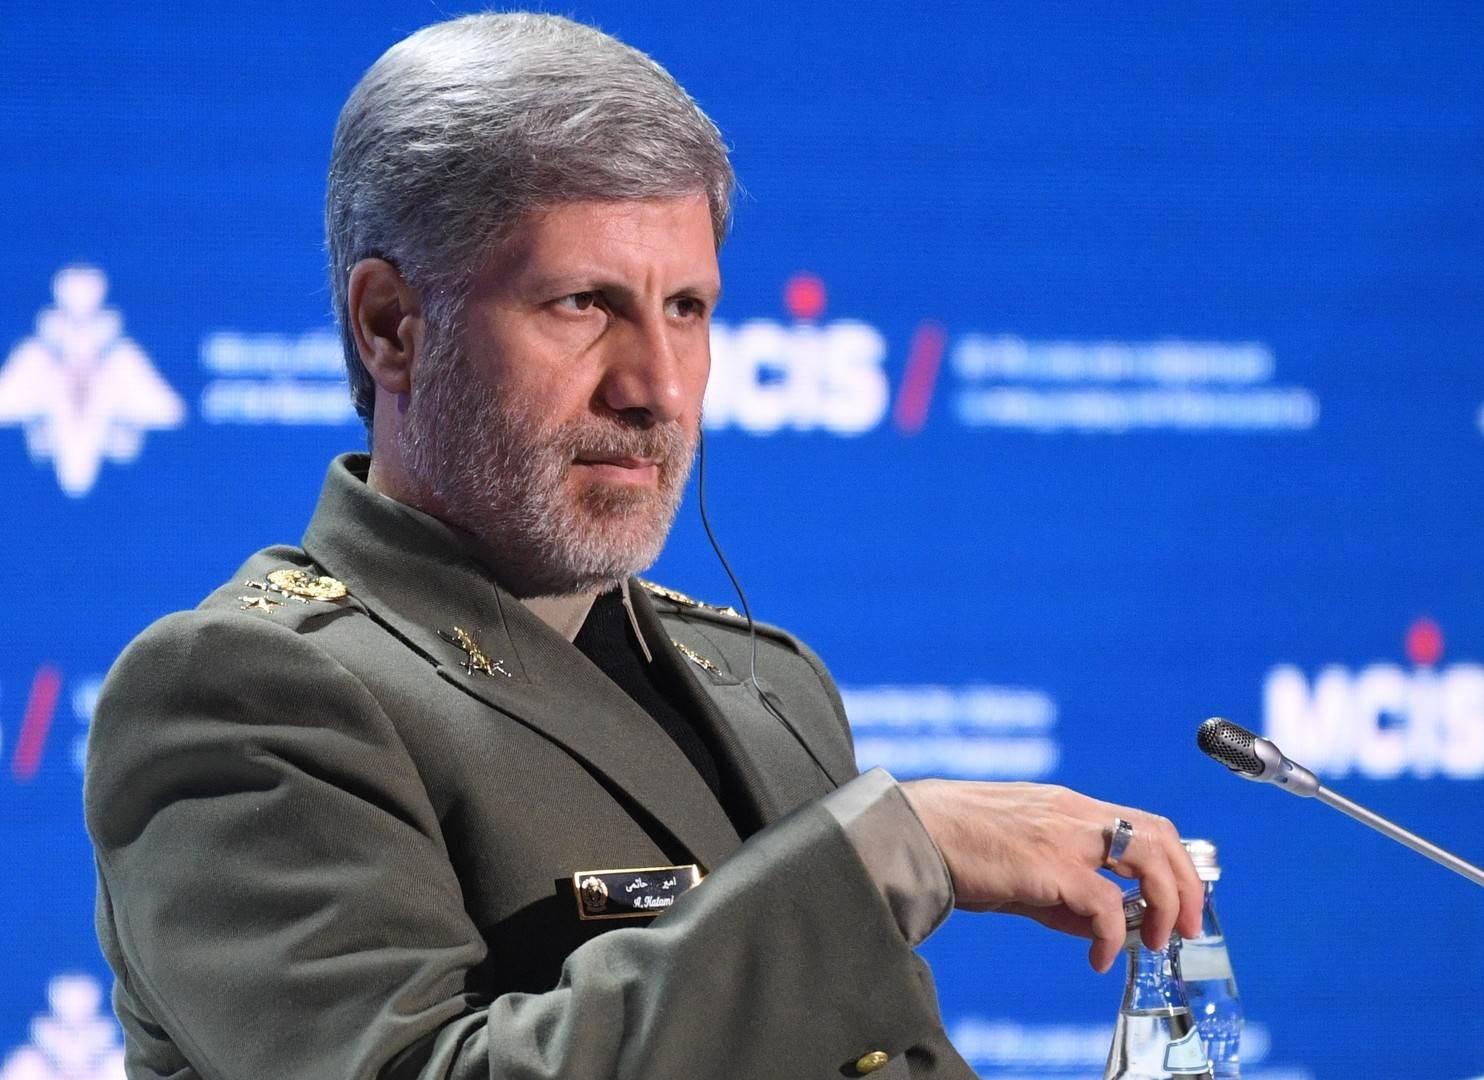 إيران: سنردّ بشكل ساحق وحازم على أي تهديد لأمننا القومي